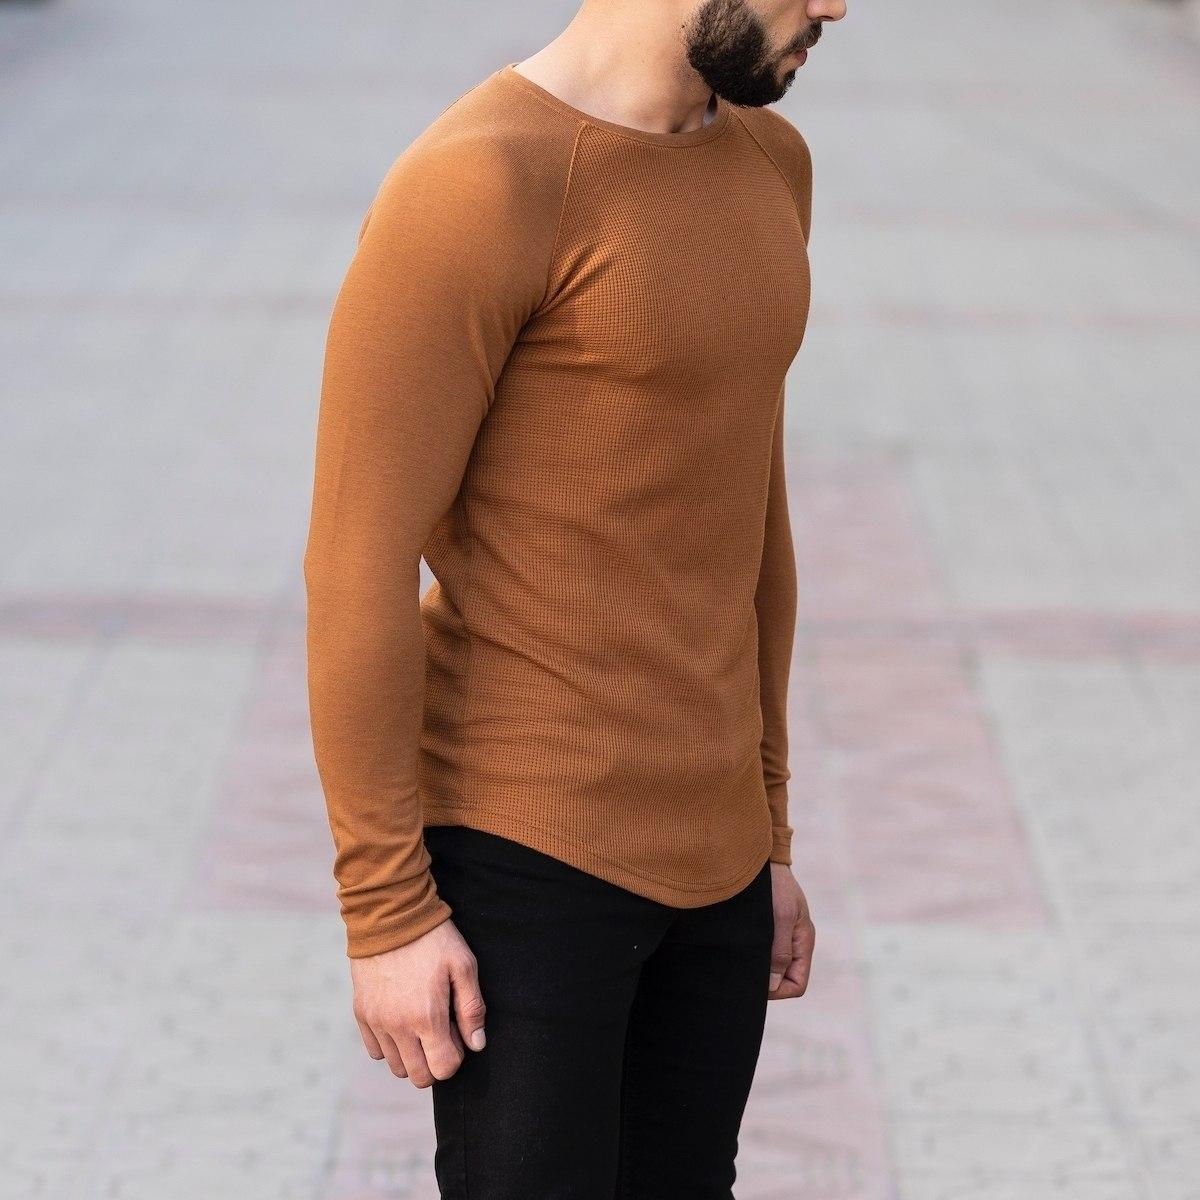 Dotwork Sweatshirt In Brown Mv Premium Brand - 3